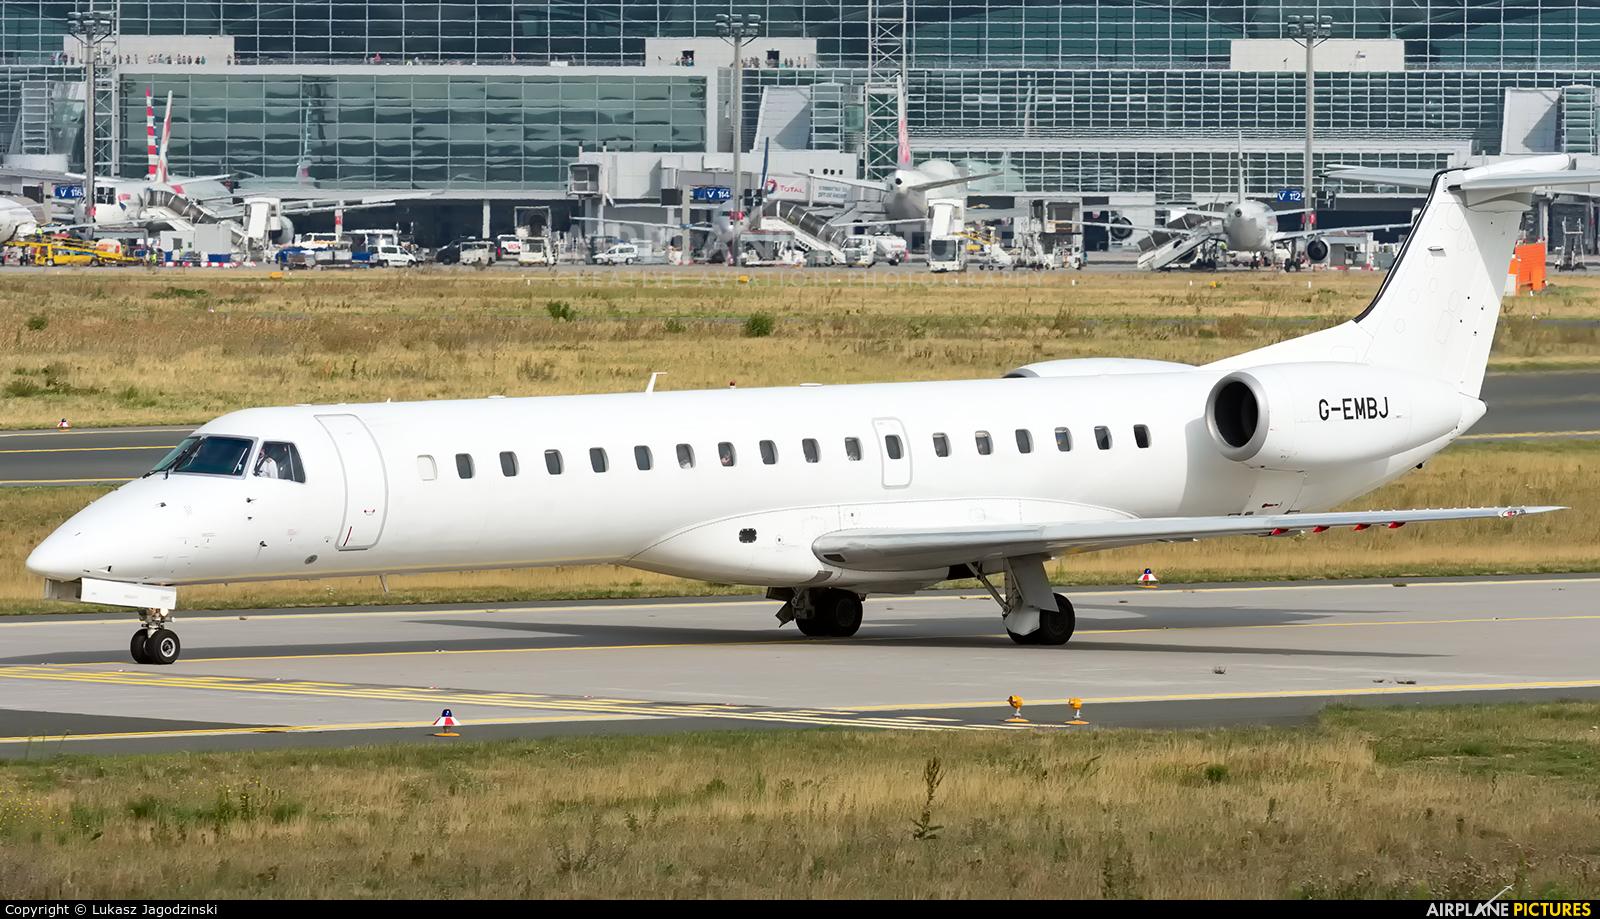 BMI Regional G-EMBJ aircraft at Frankfurt